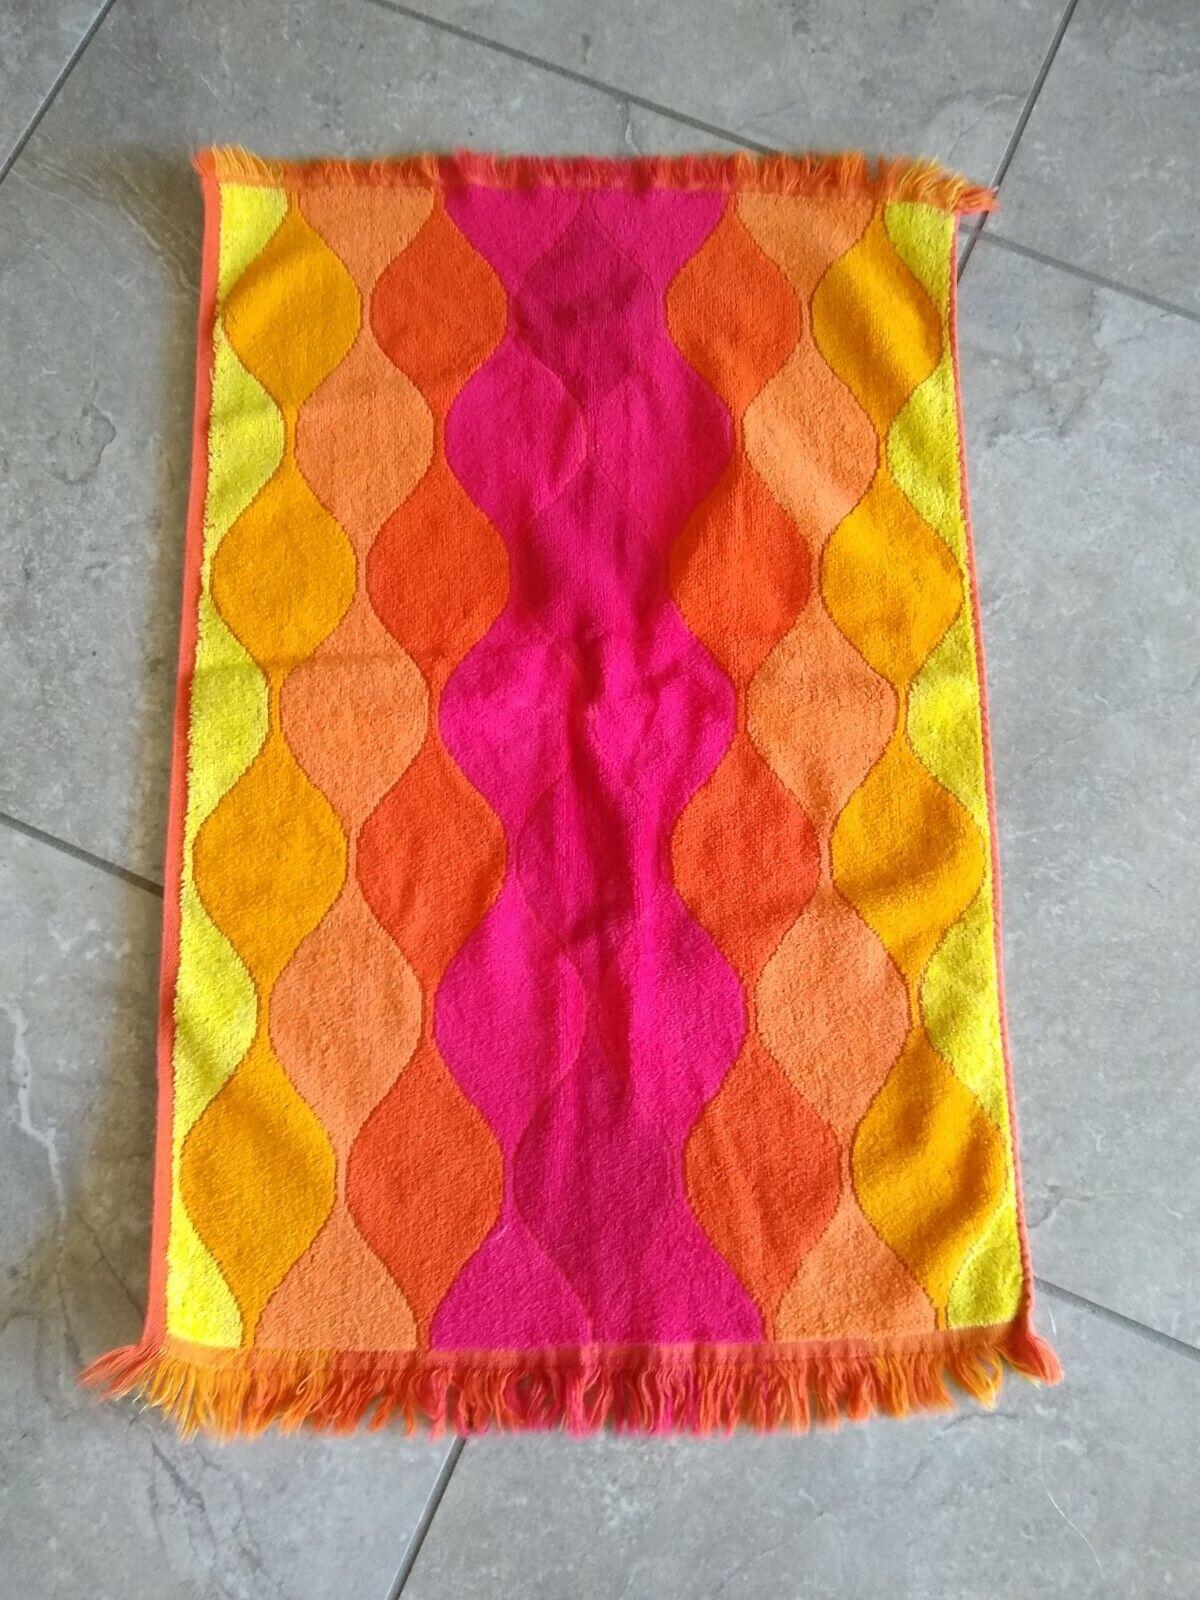 Symple Stuff Hartt Hot Daisy Hand Towel For Sale Online Ebay